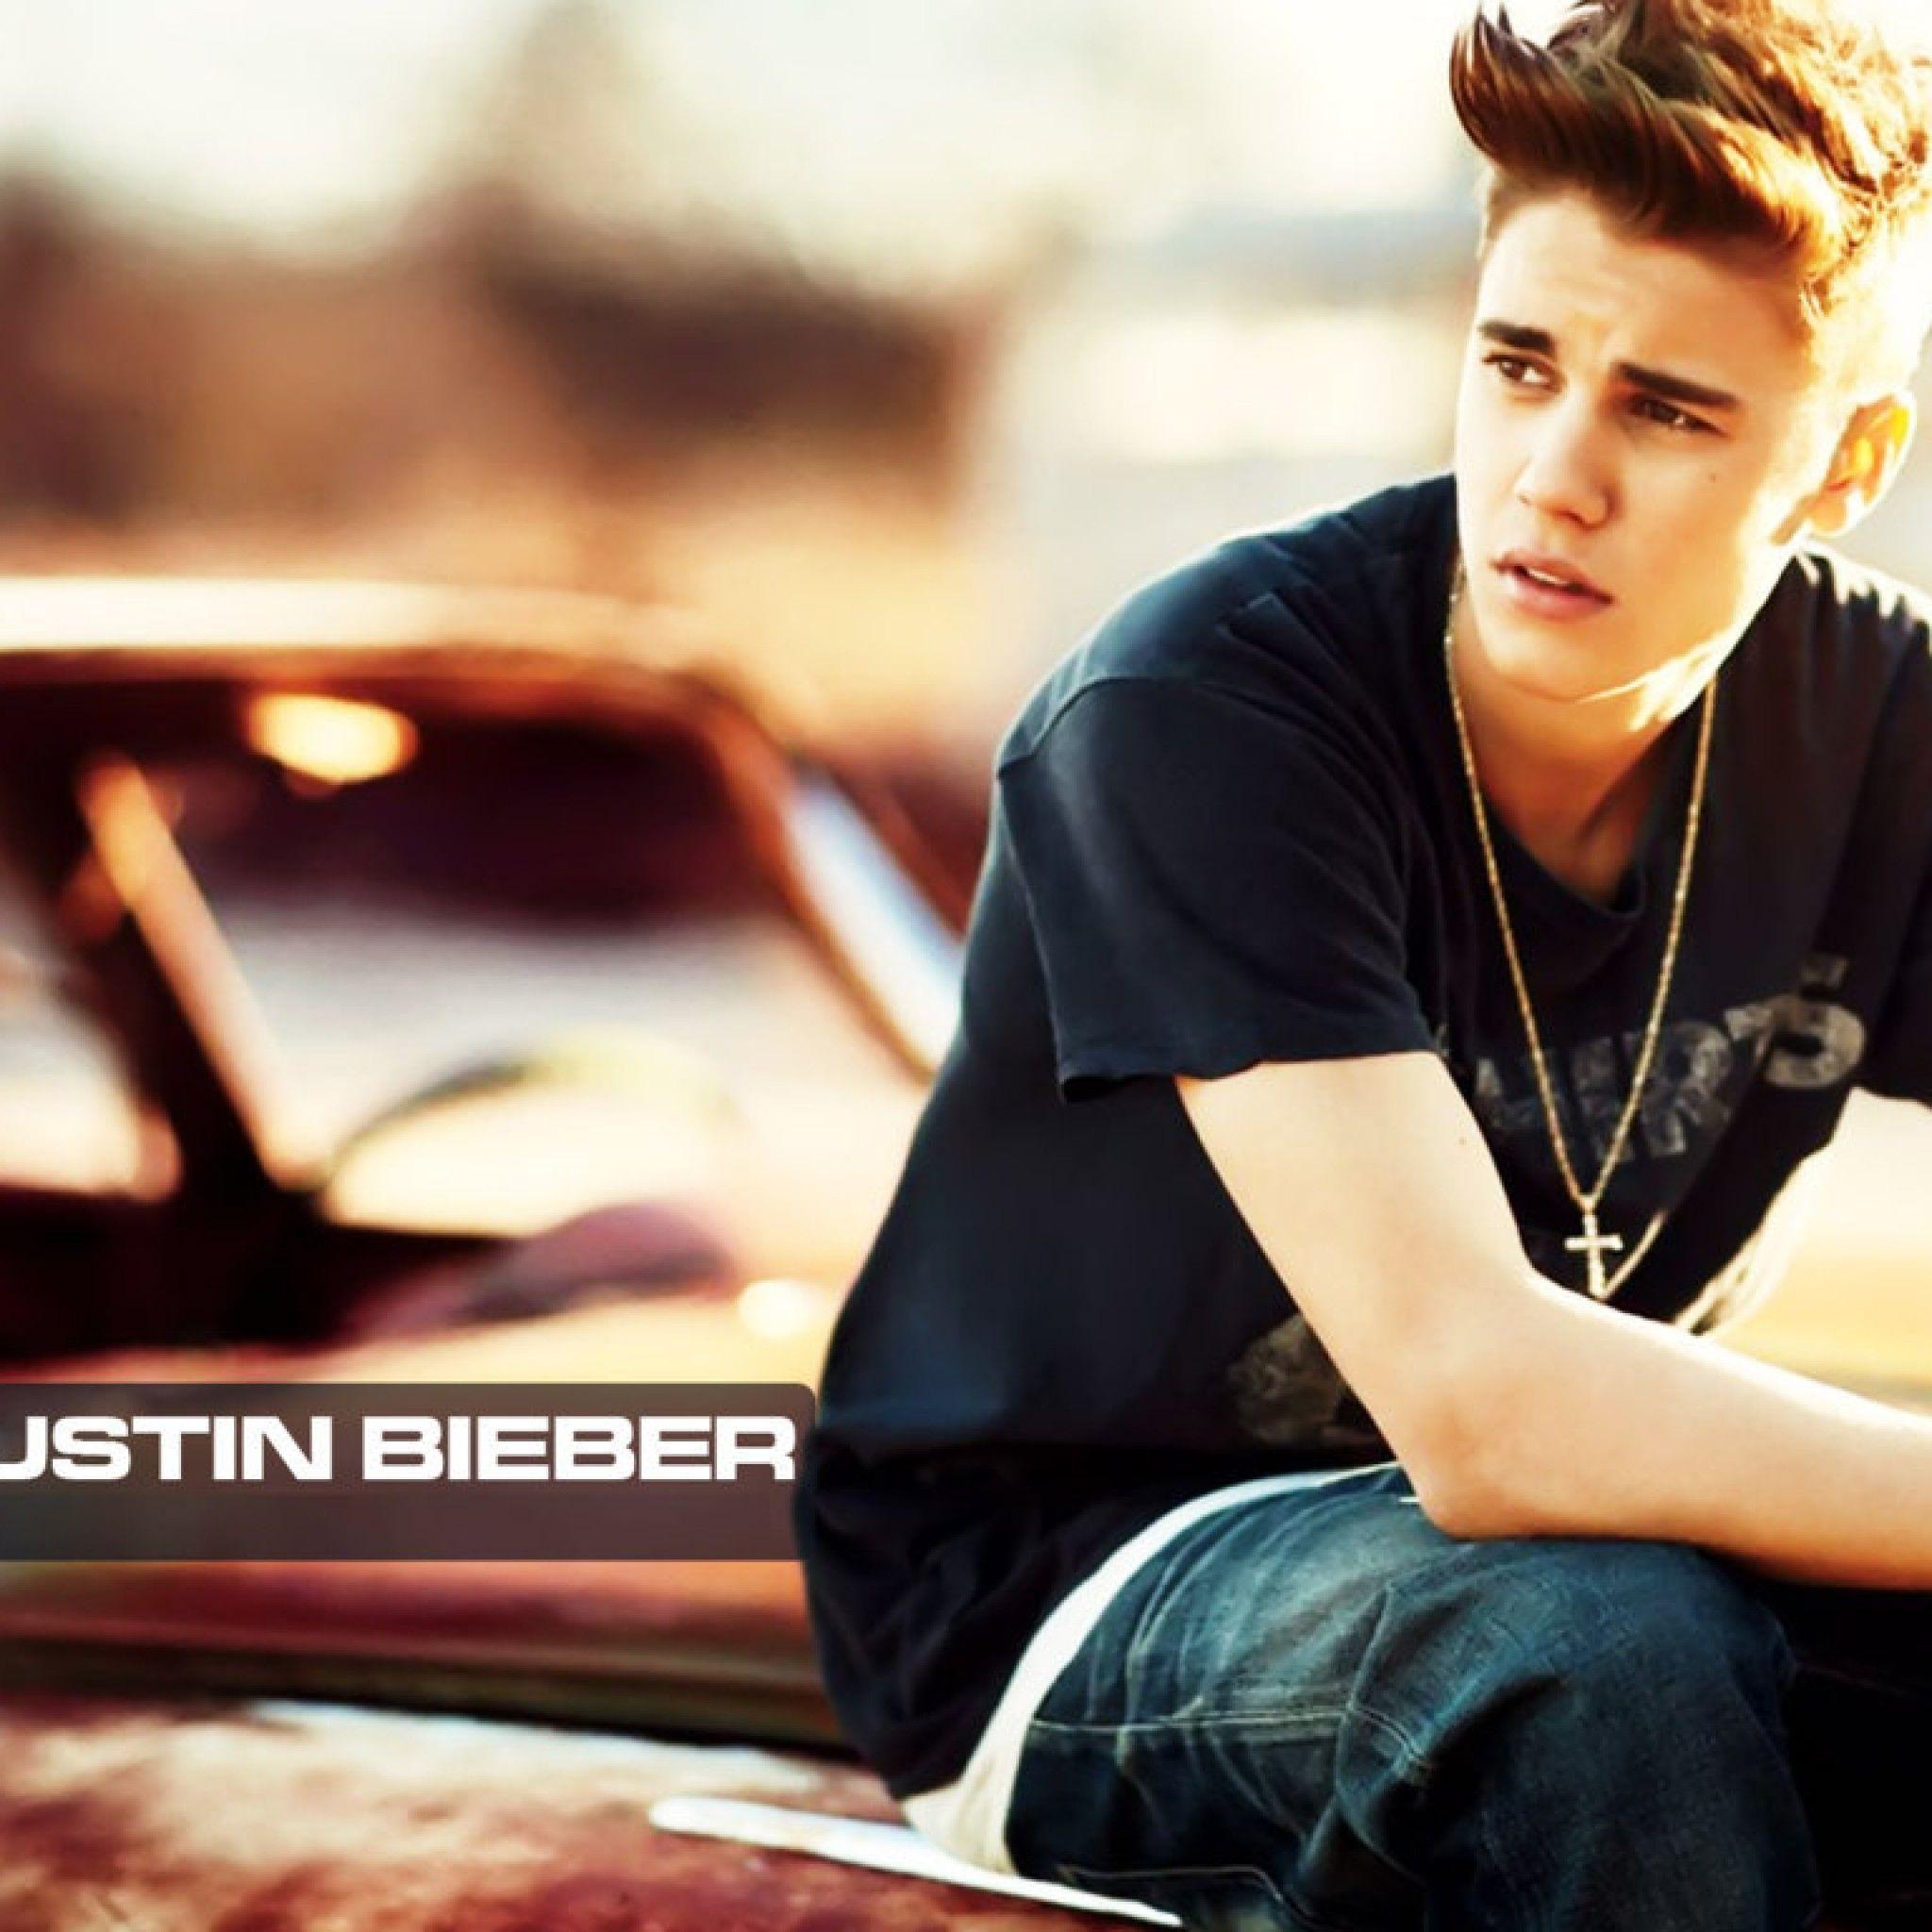 Hd wallpaper justin bieber - Justin Bieber Wallpaper Hd 2015